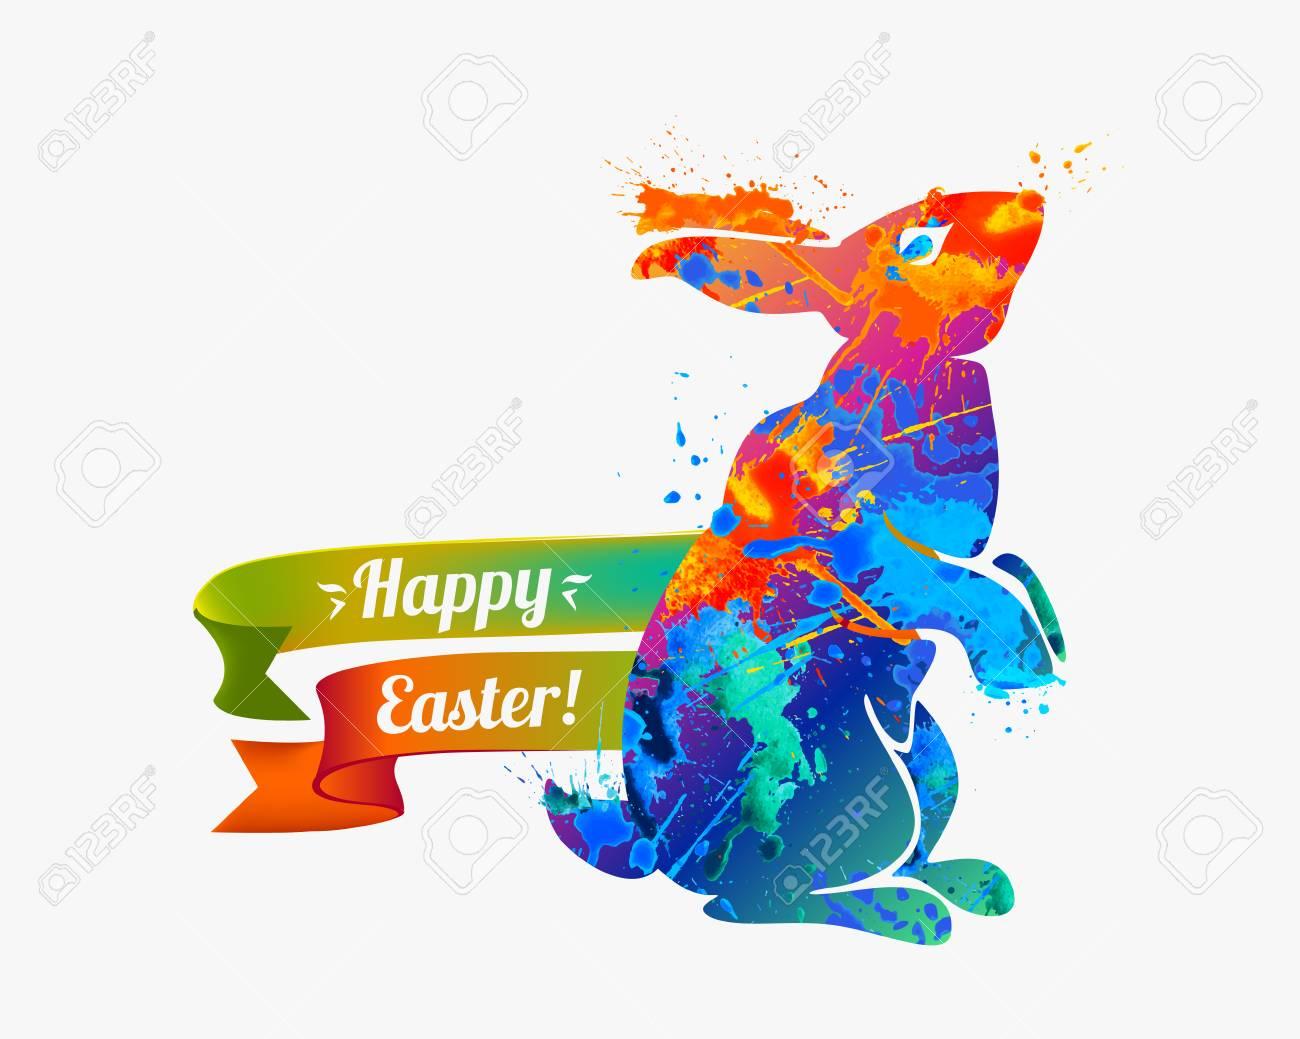 Enhorabuena Vector Tarjeta De Fiesta Cristiana Felices Pascuas Conejo De Pascua